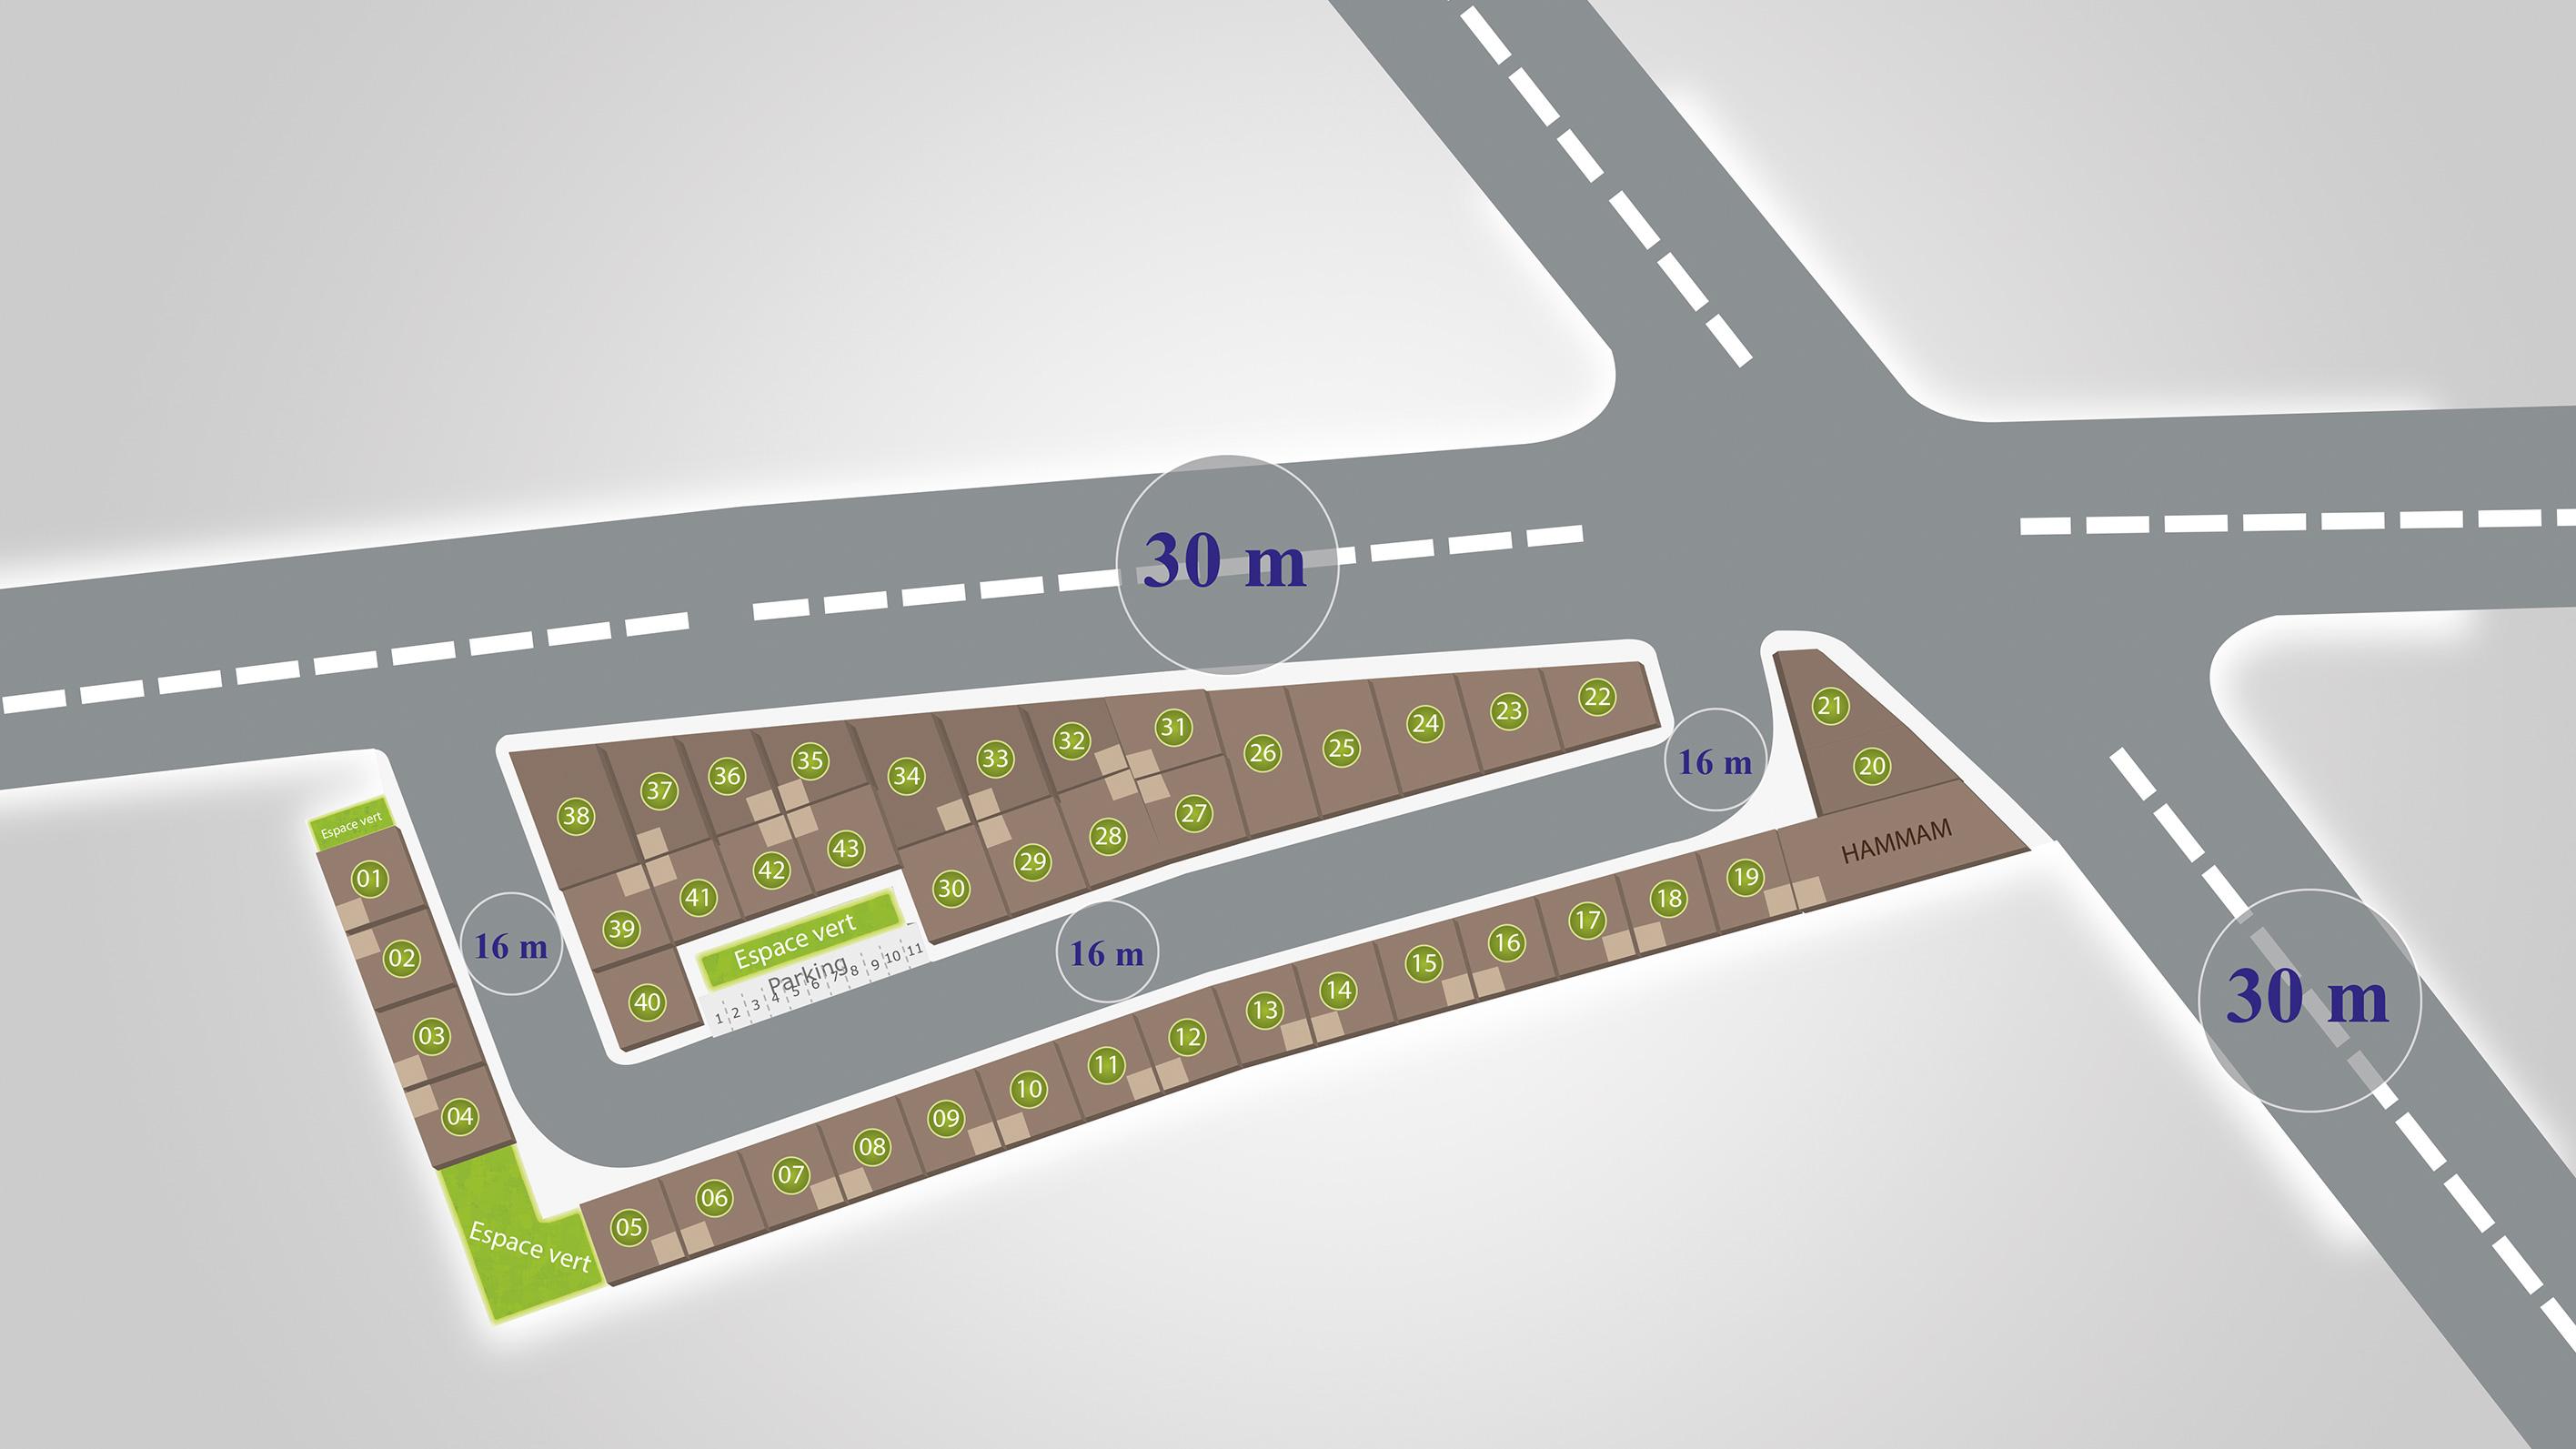 Plan de Masse lot de terrain abouab al amane Al Arsat